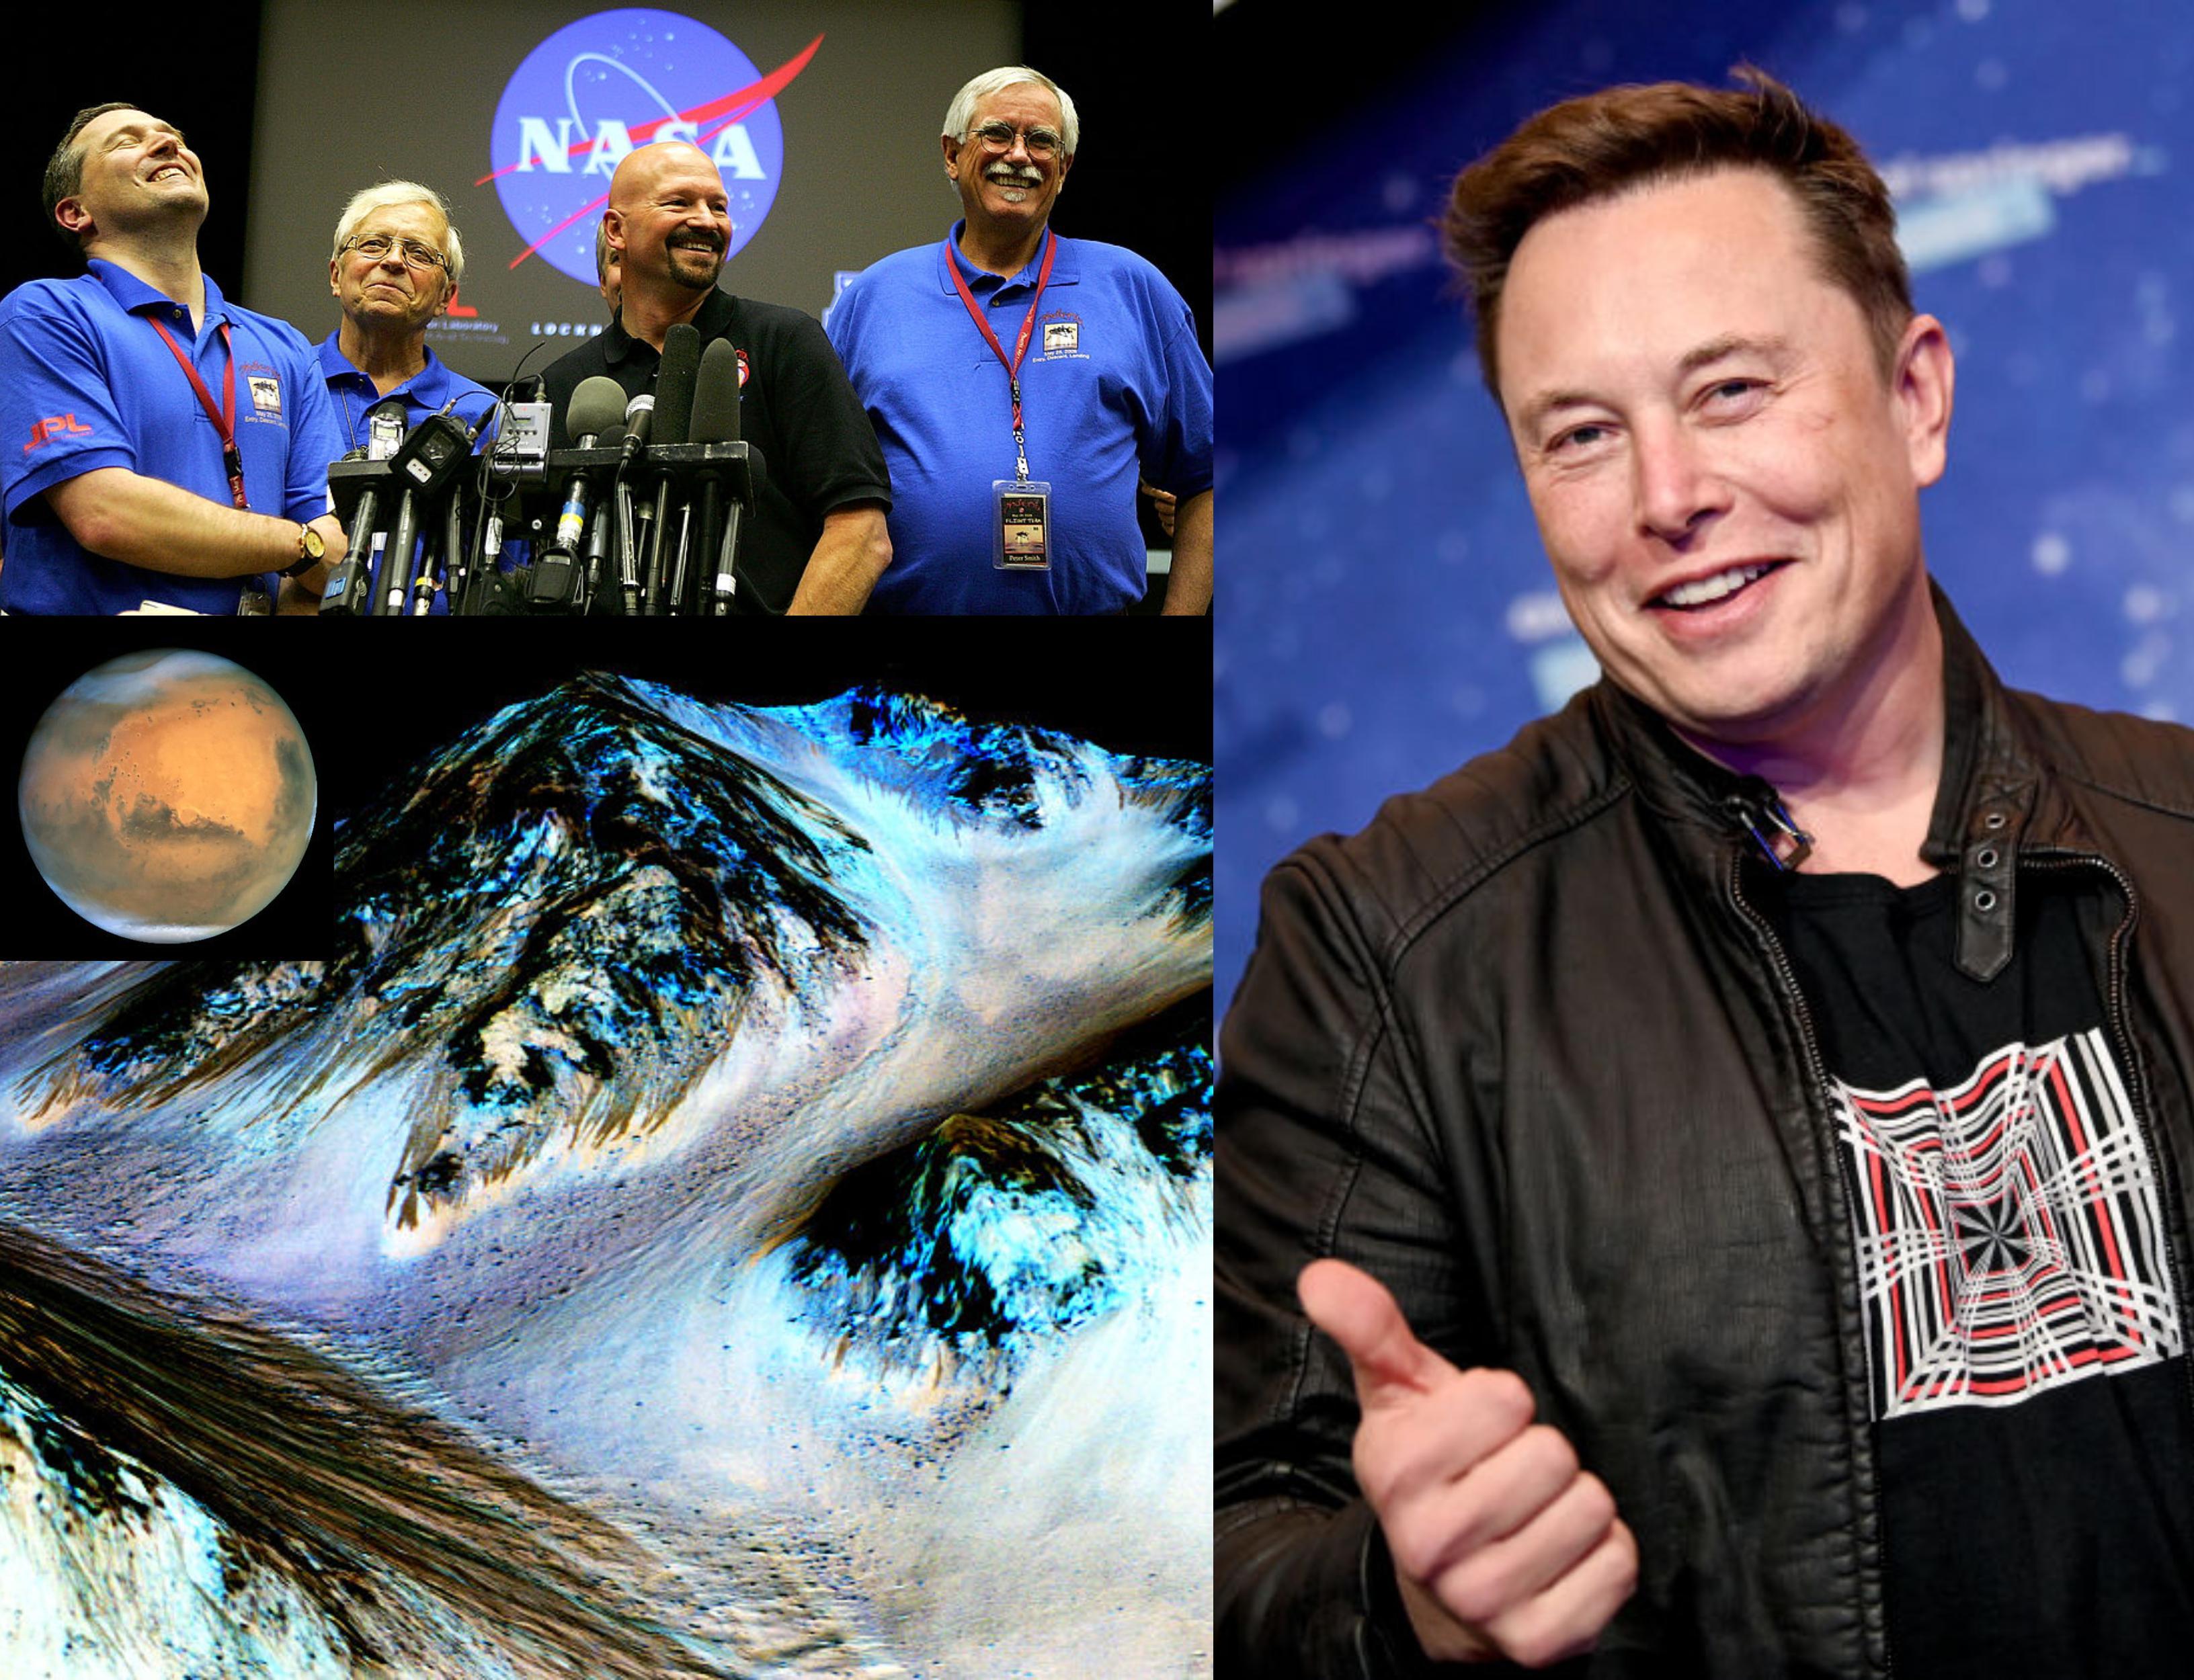 Planul lui Elon Musk pentru primii muncitori trimiși pe Marte. Ce vor fi obligați oamenii să facă după ce vor ajunge în spațiu